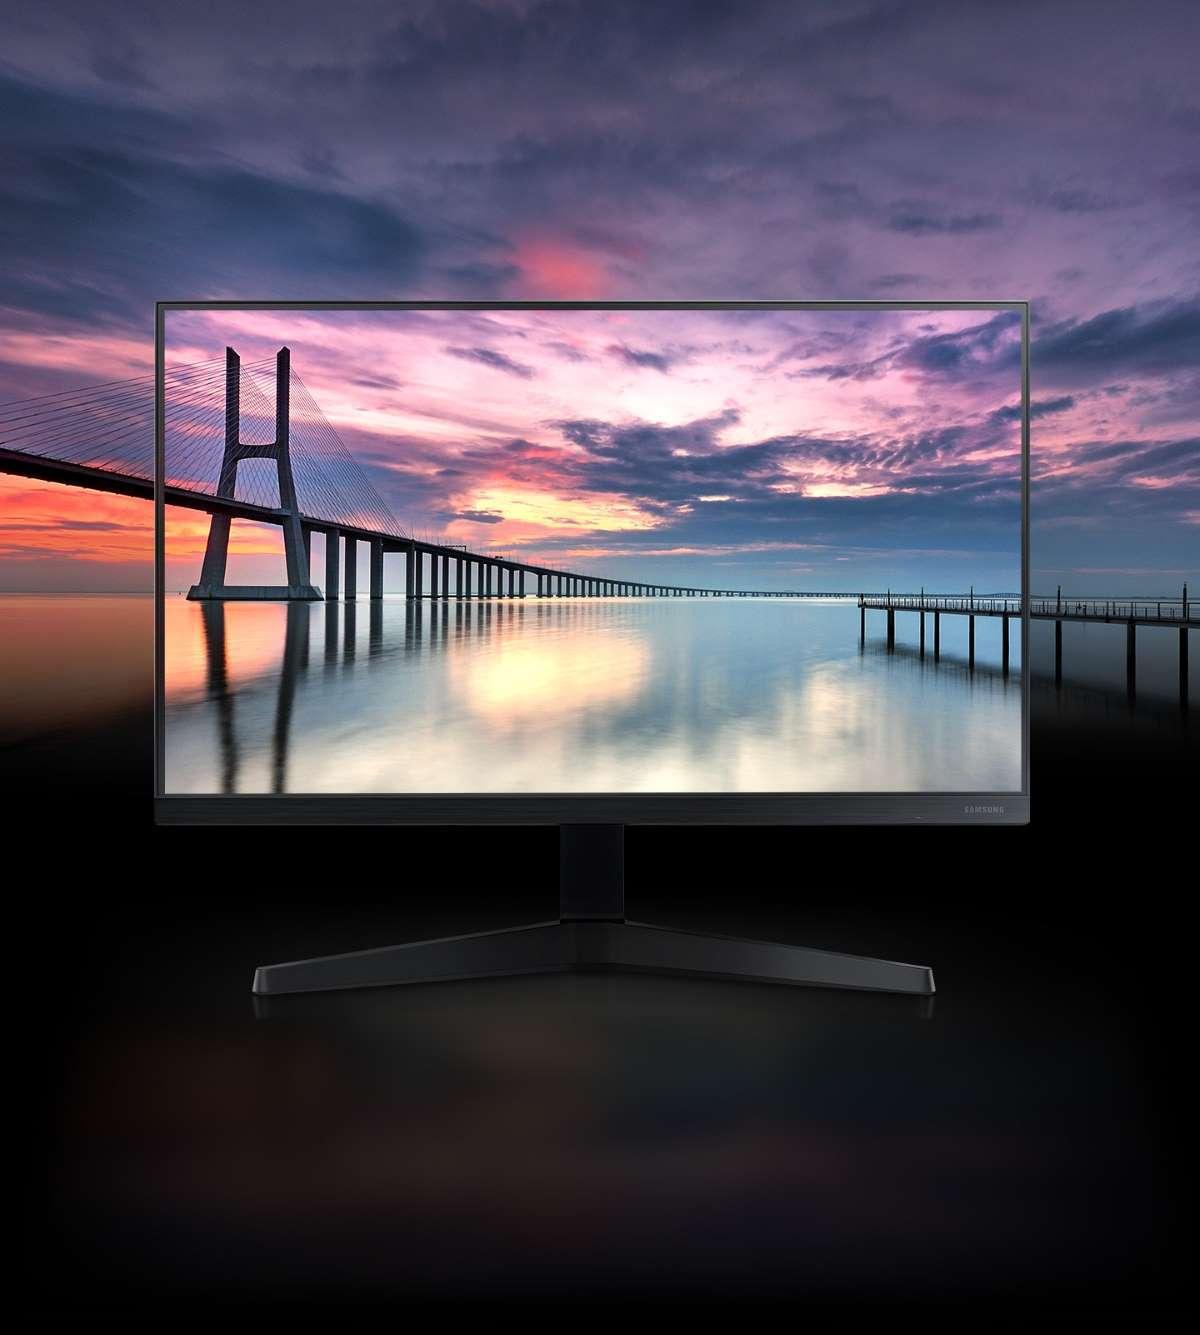 Màn hình Samsung LF22T350-1